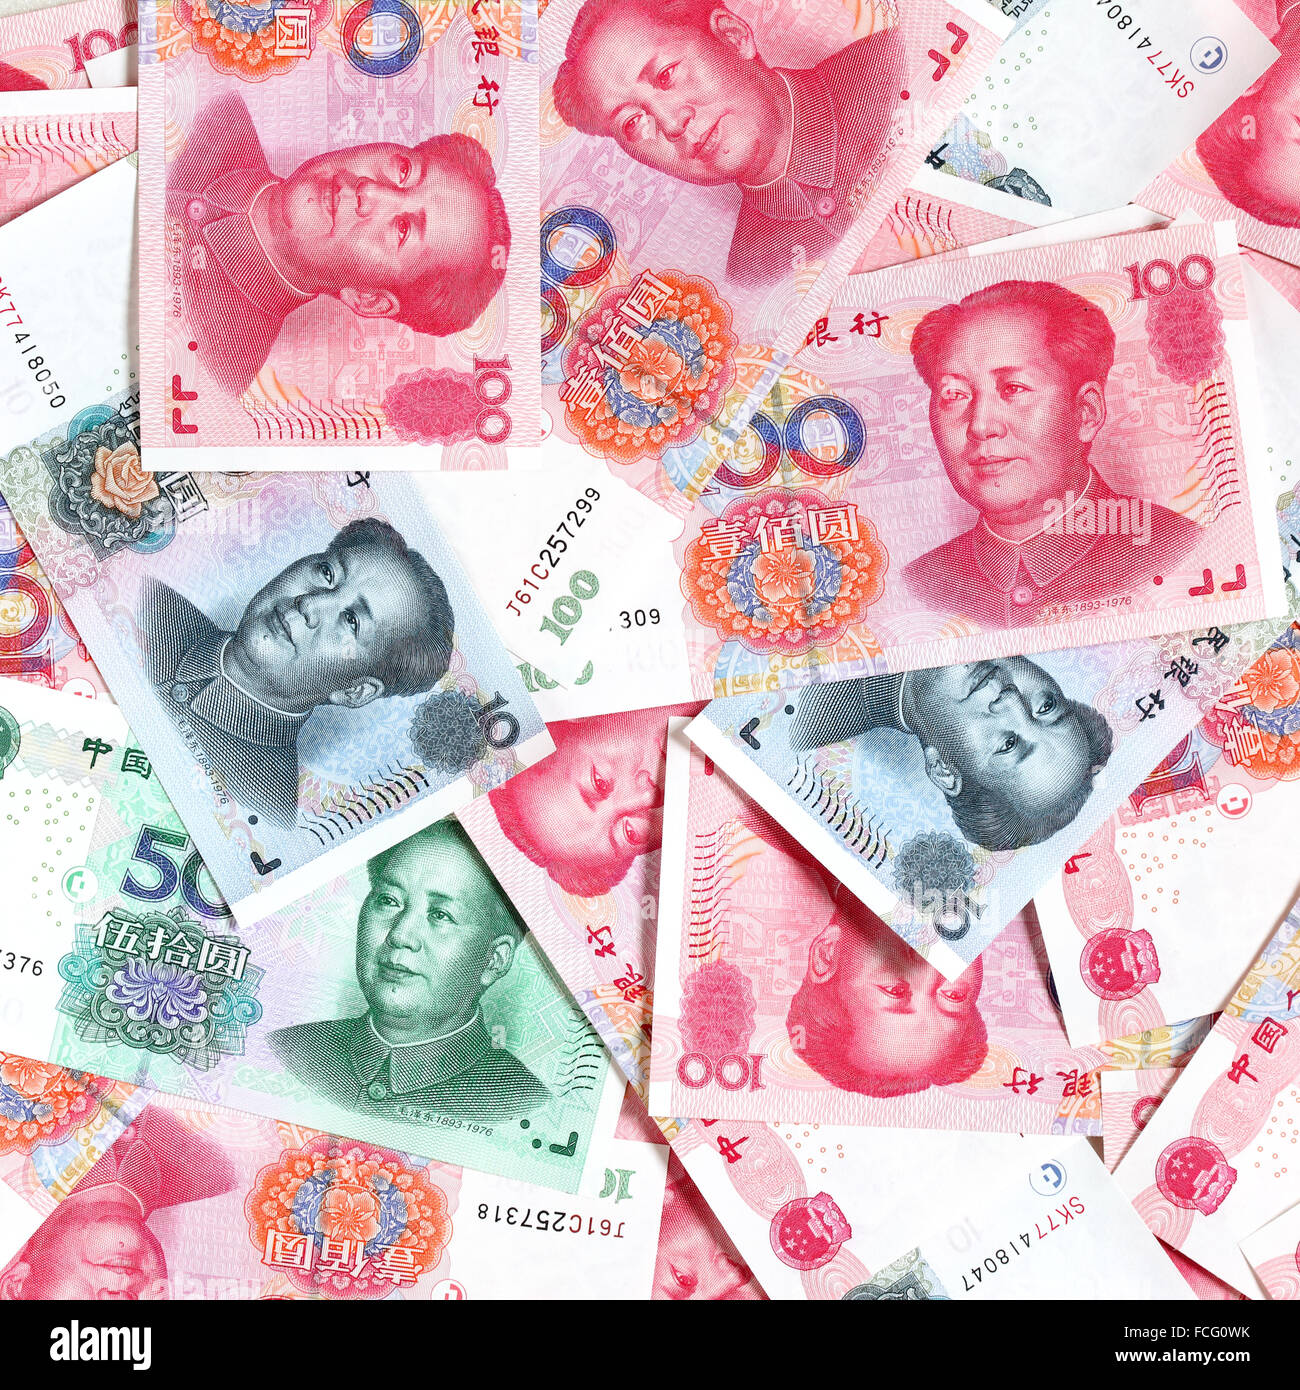 Mass of chinese yuans close-up - Stock Image